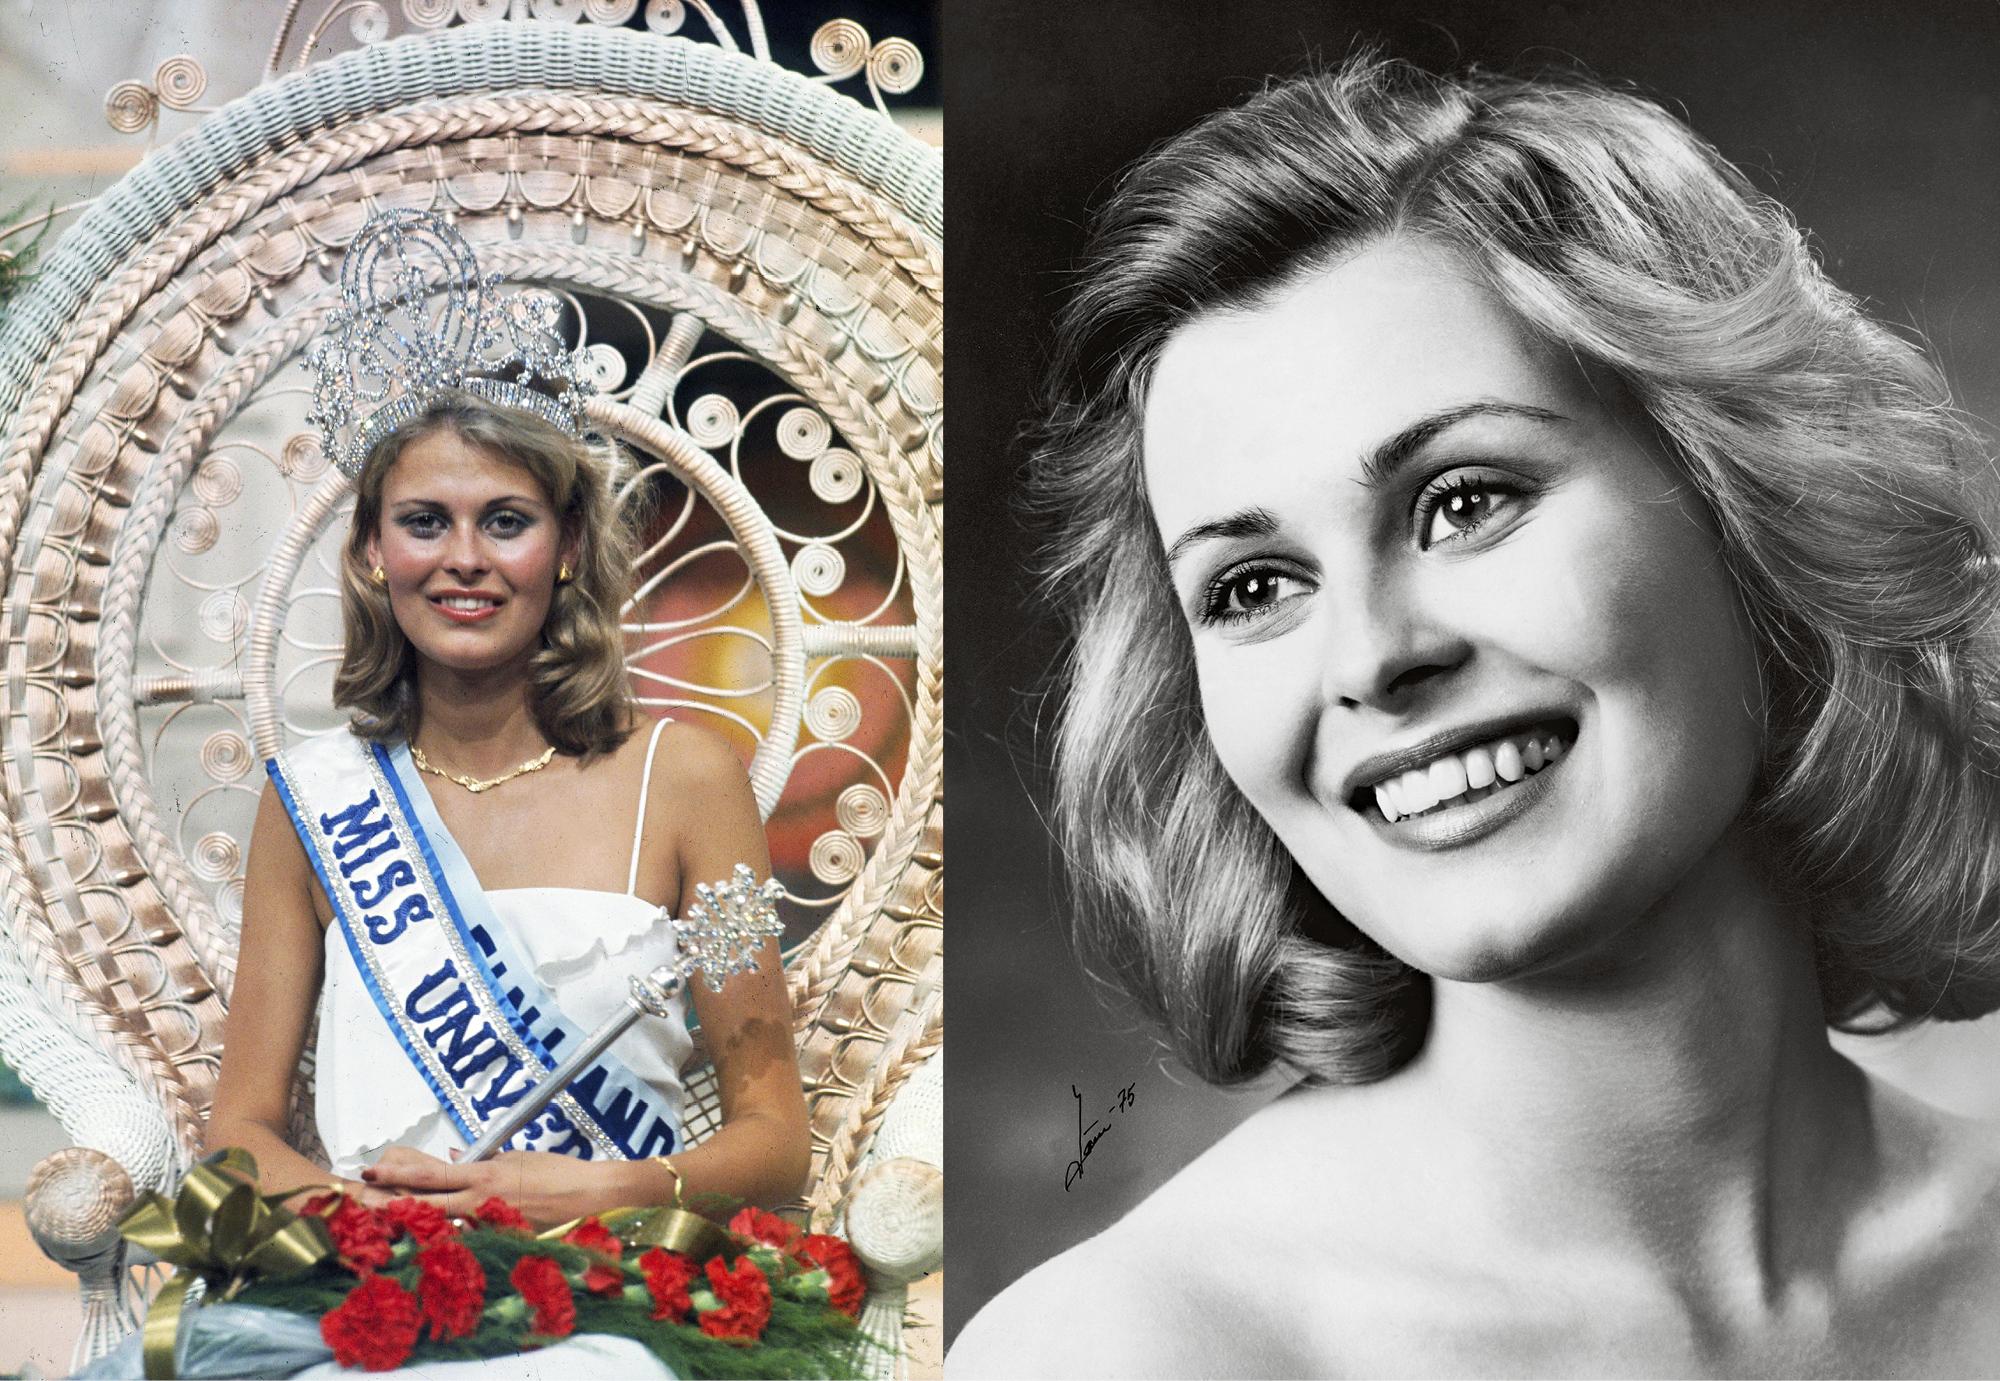 Mikä kaunotar! Anne Pohtamo voitti Miss Universum -kilpailun vuonna 1975.